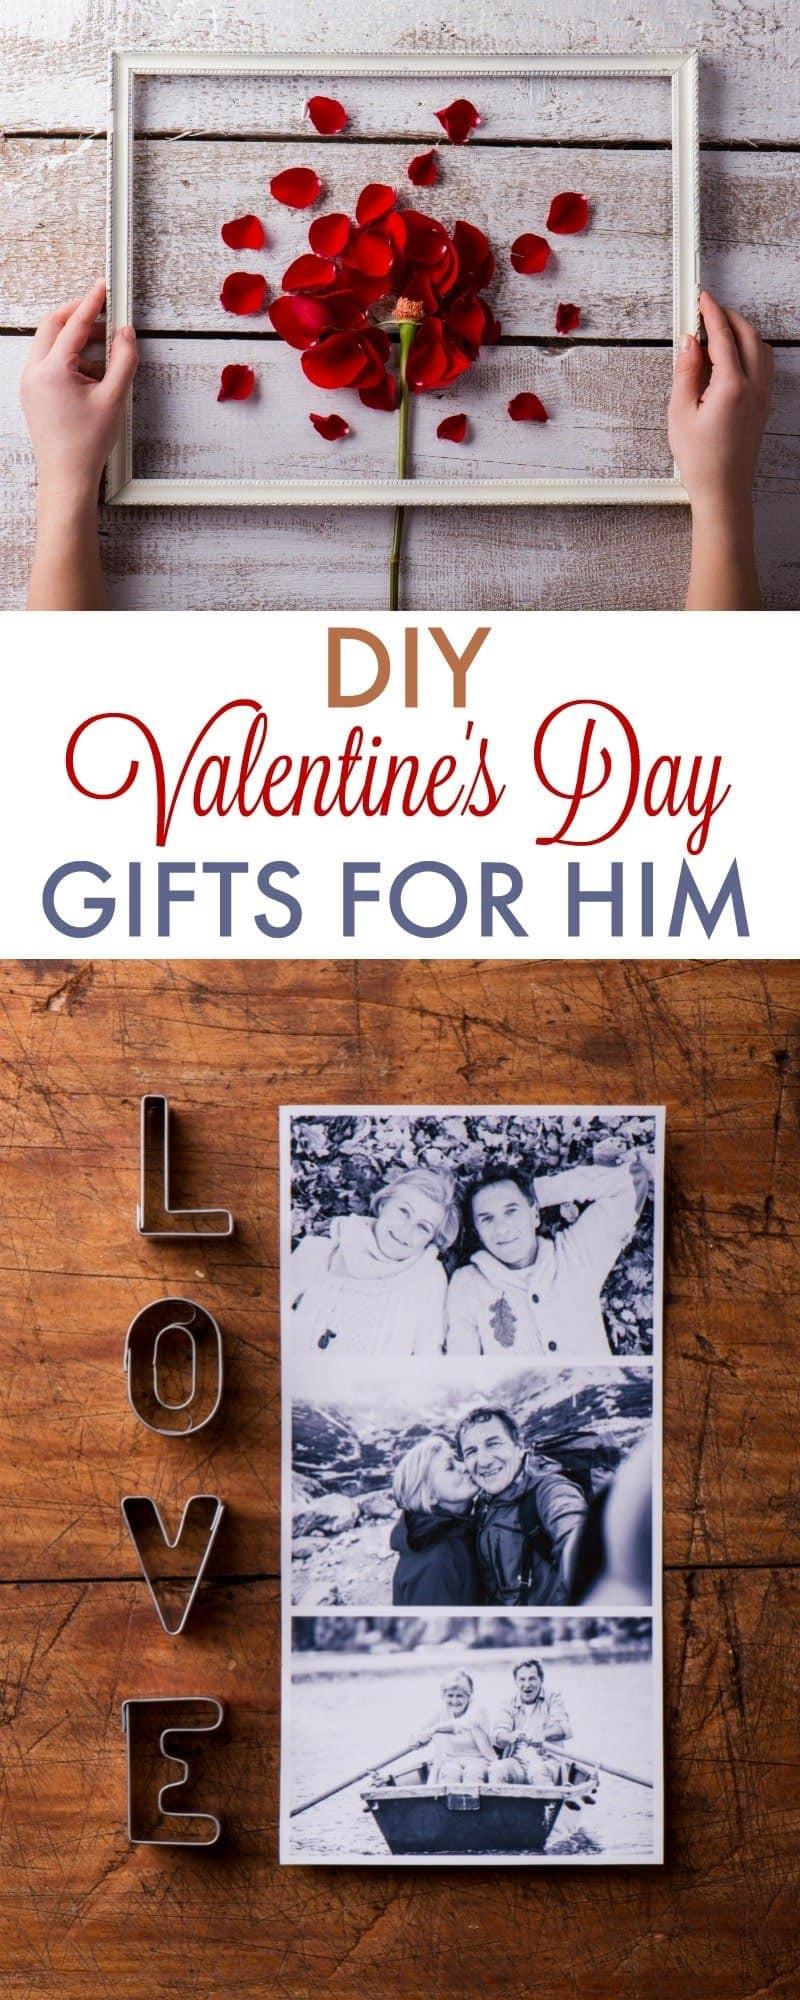 Best ideas about Diy Valentine Gift Ideas For Boyfriend . Save or Pin DIY Valentine s Day Gifts for Boyfriend 730 Sage Street Now.